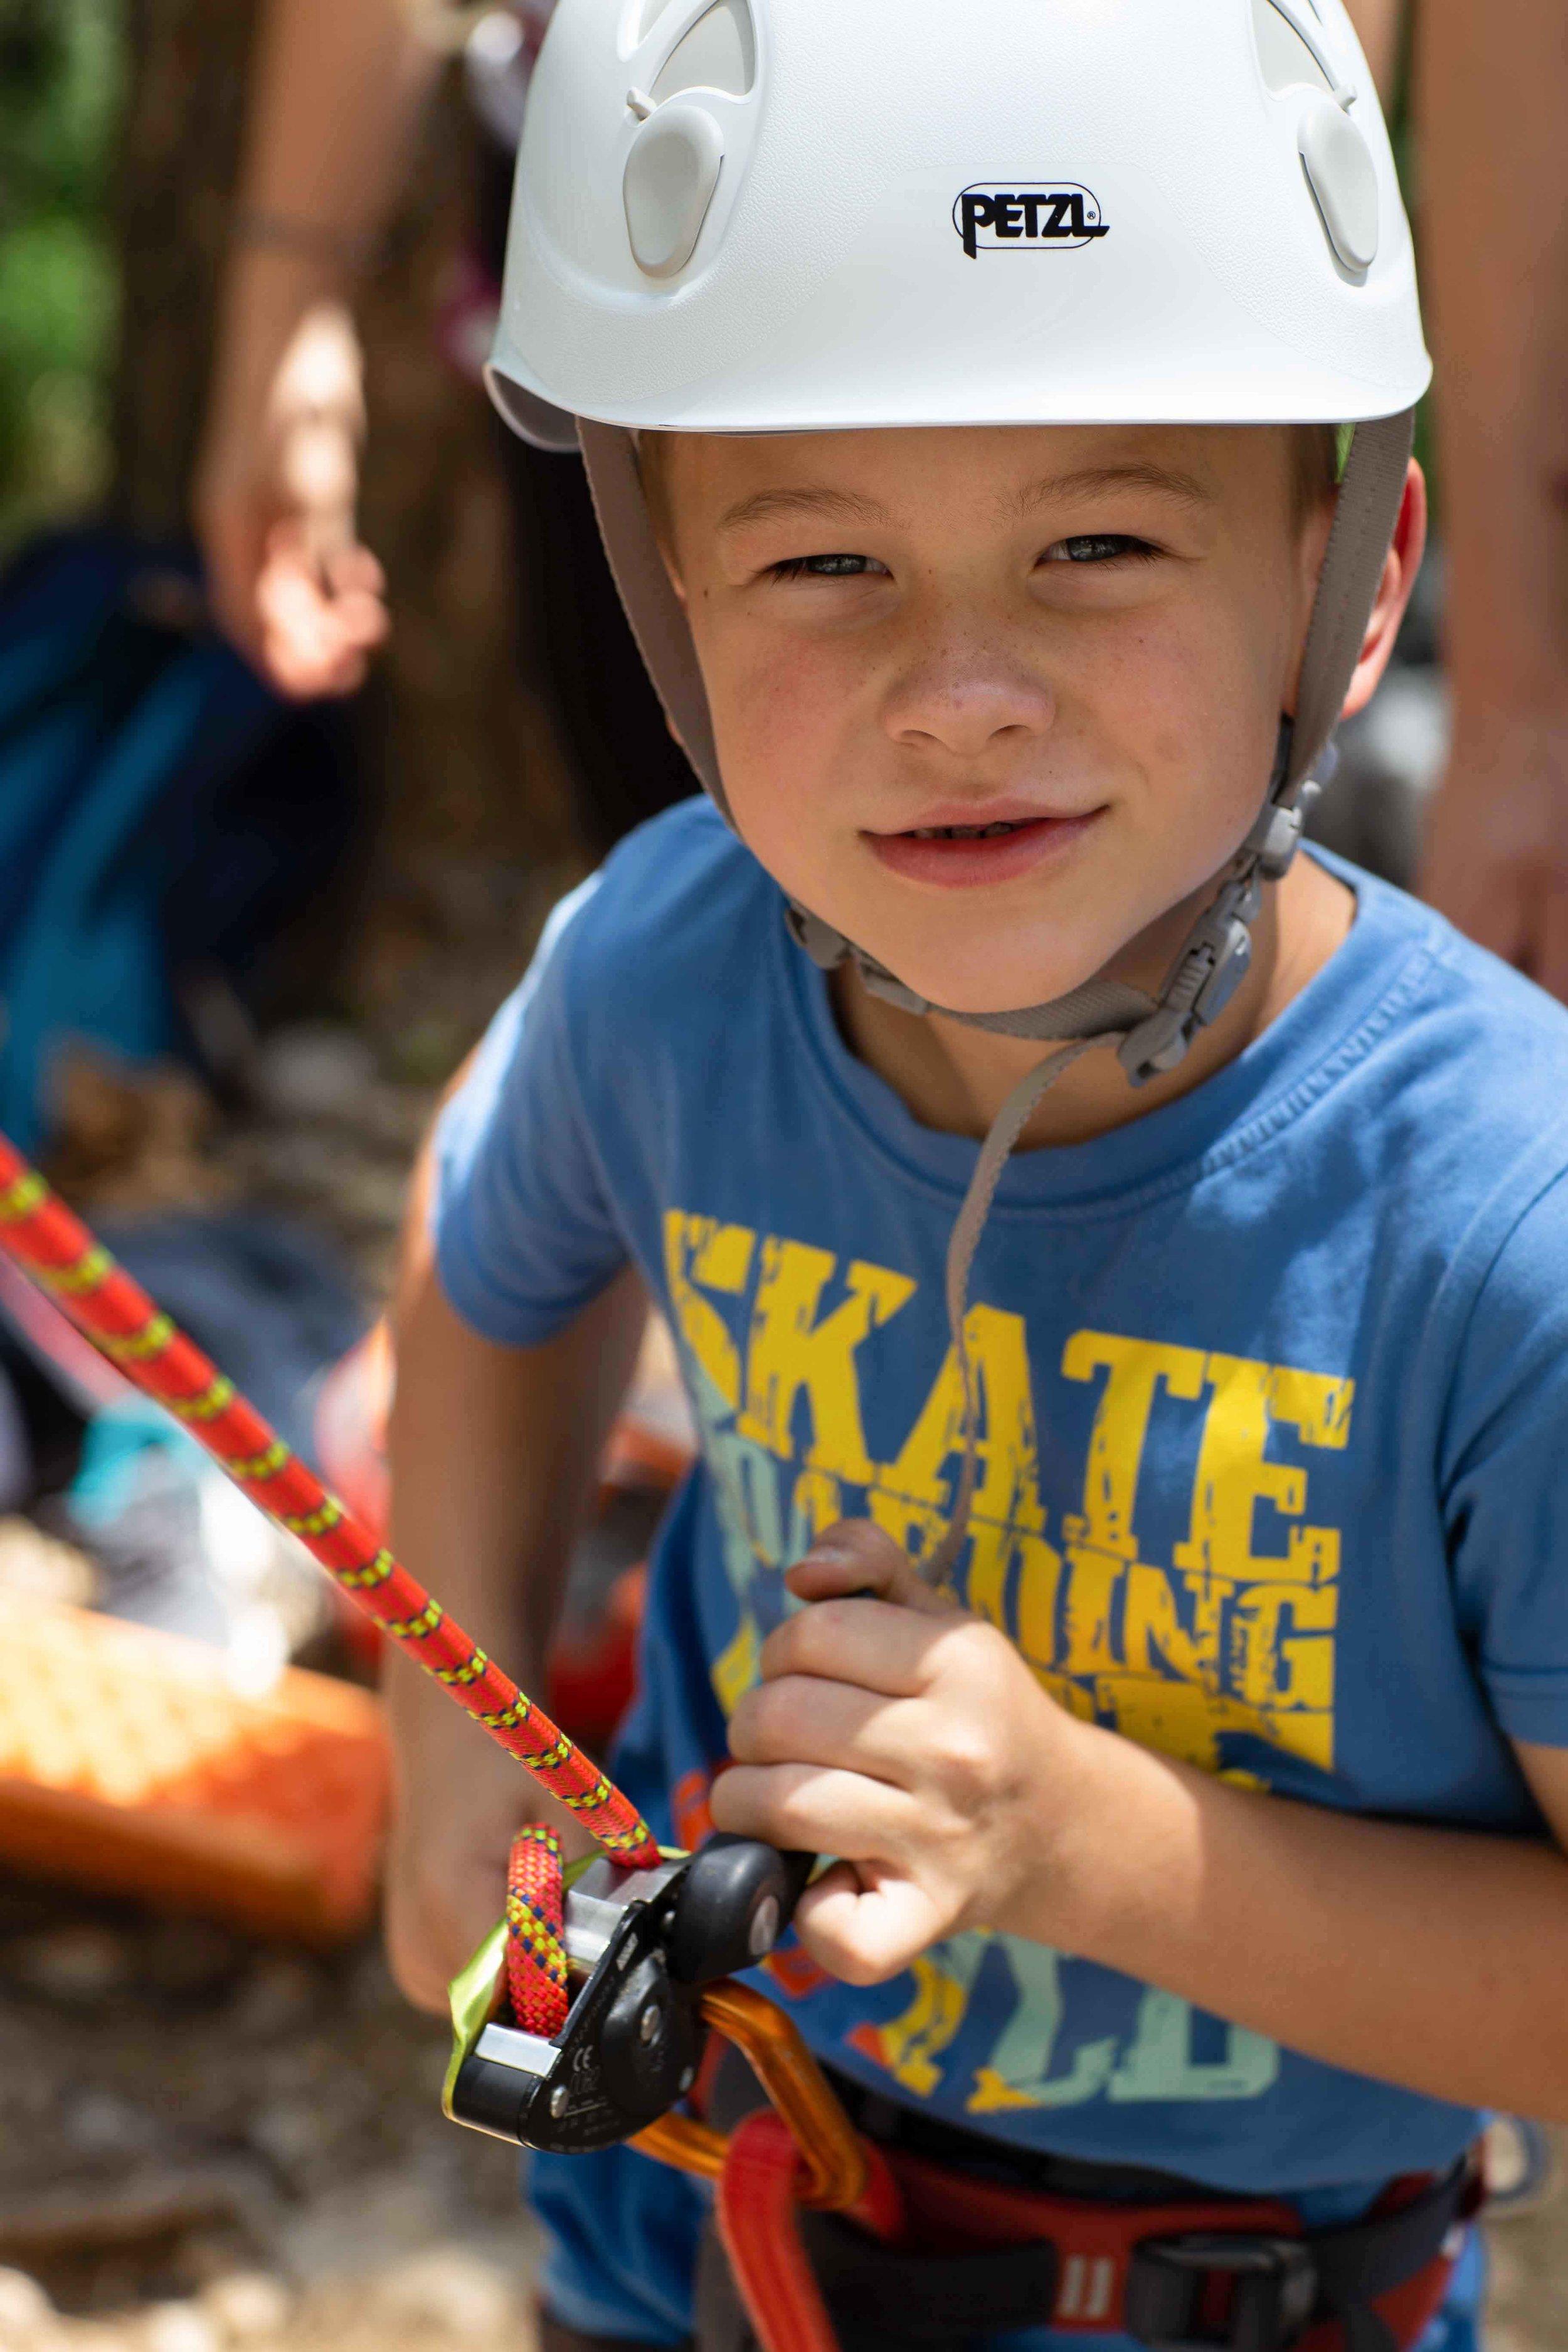 Zaključni plezalni izlet za otroke Grif_65.jpg